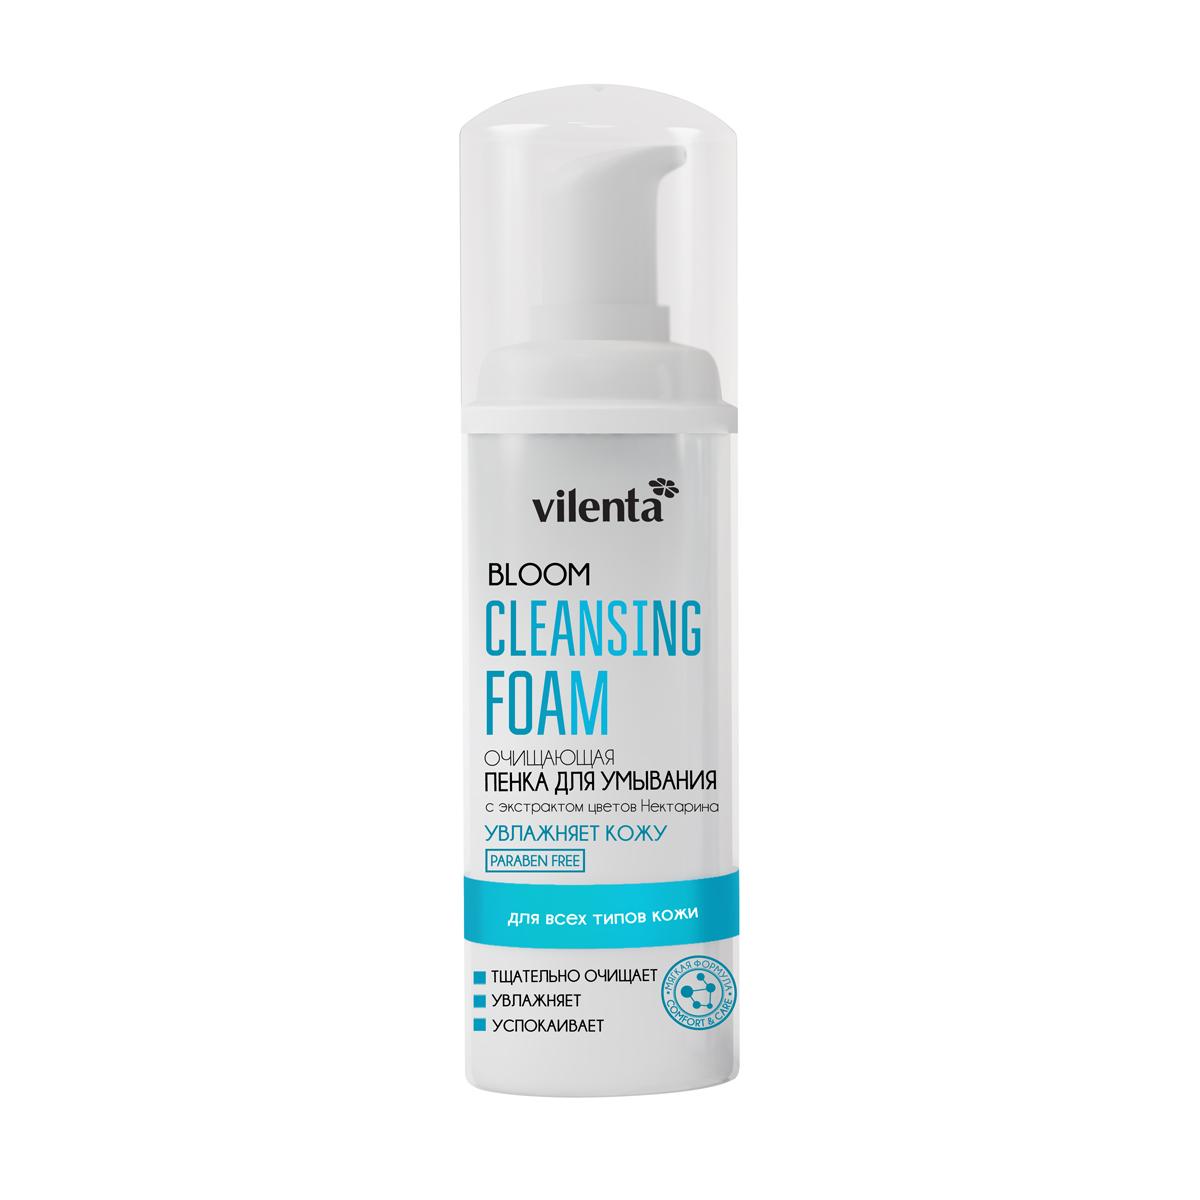 Vilenta Пенка для умывания для всех типов кожи Bloom, 150 мл39661014Пенка для умывания с нежной воздушной текстурой легко распределяется по коже и тщательно очищает ее от загрязнений, поддерживая оптимальный водный баланс. Аллантоин, пантенол и экстракт цветов Нектарина оказывают увлажняющее действие, придавая коже мягкость.